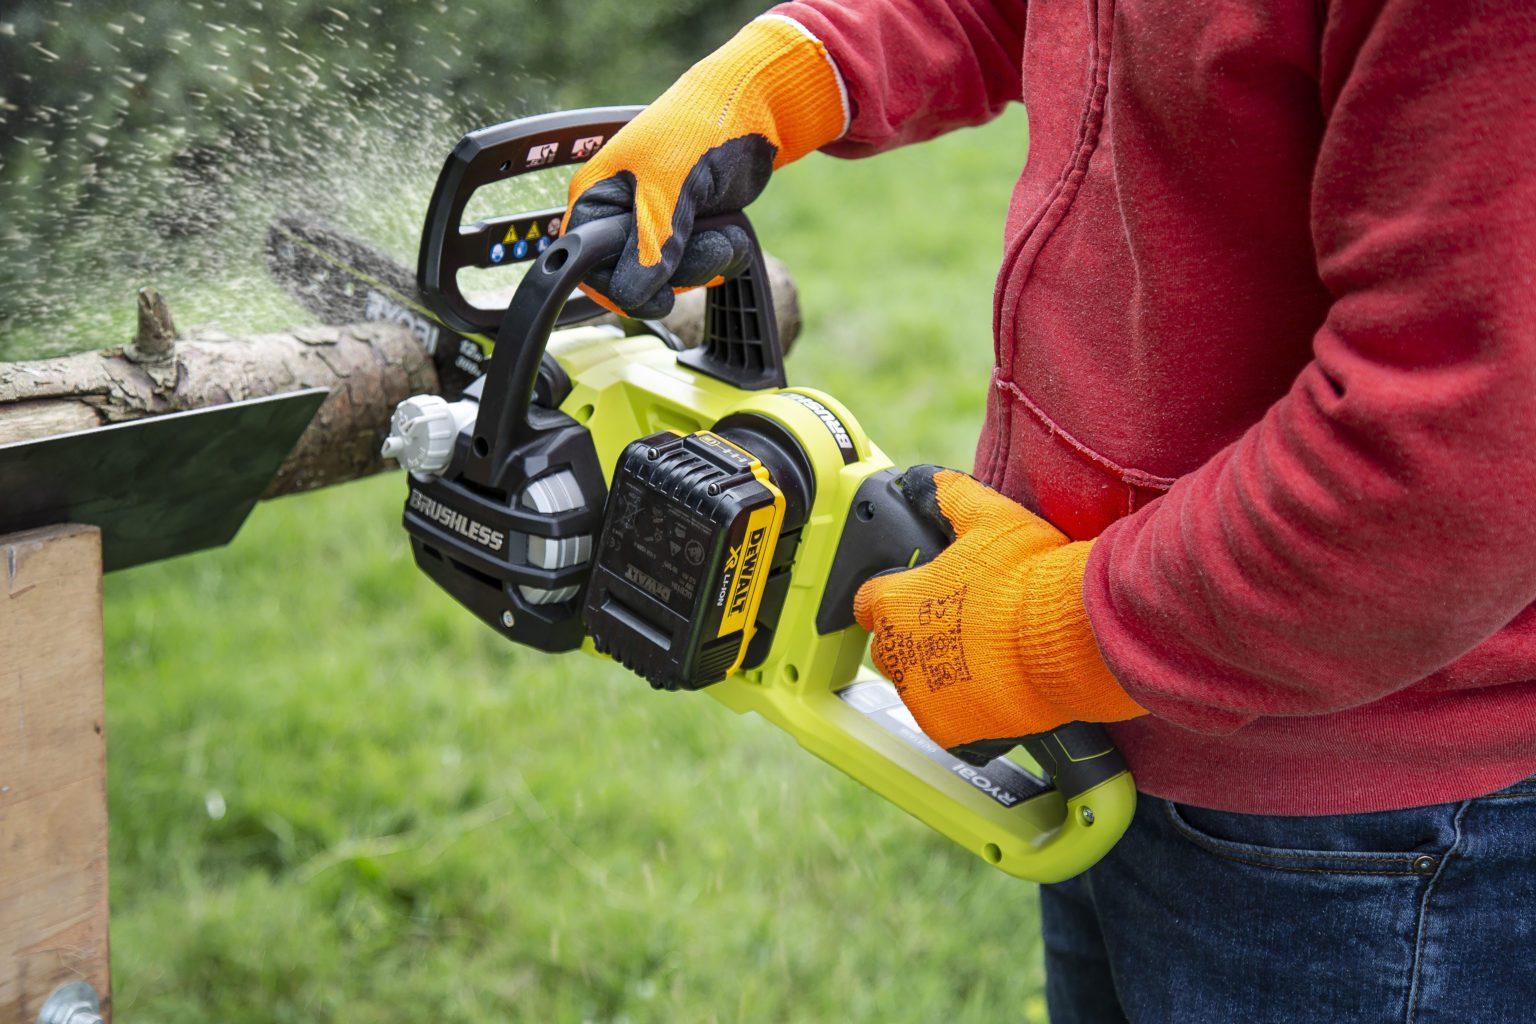 Ryobi One+ chainsaw with DeWalt battery